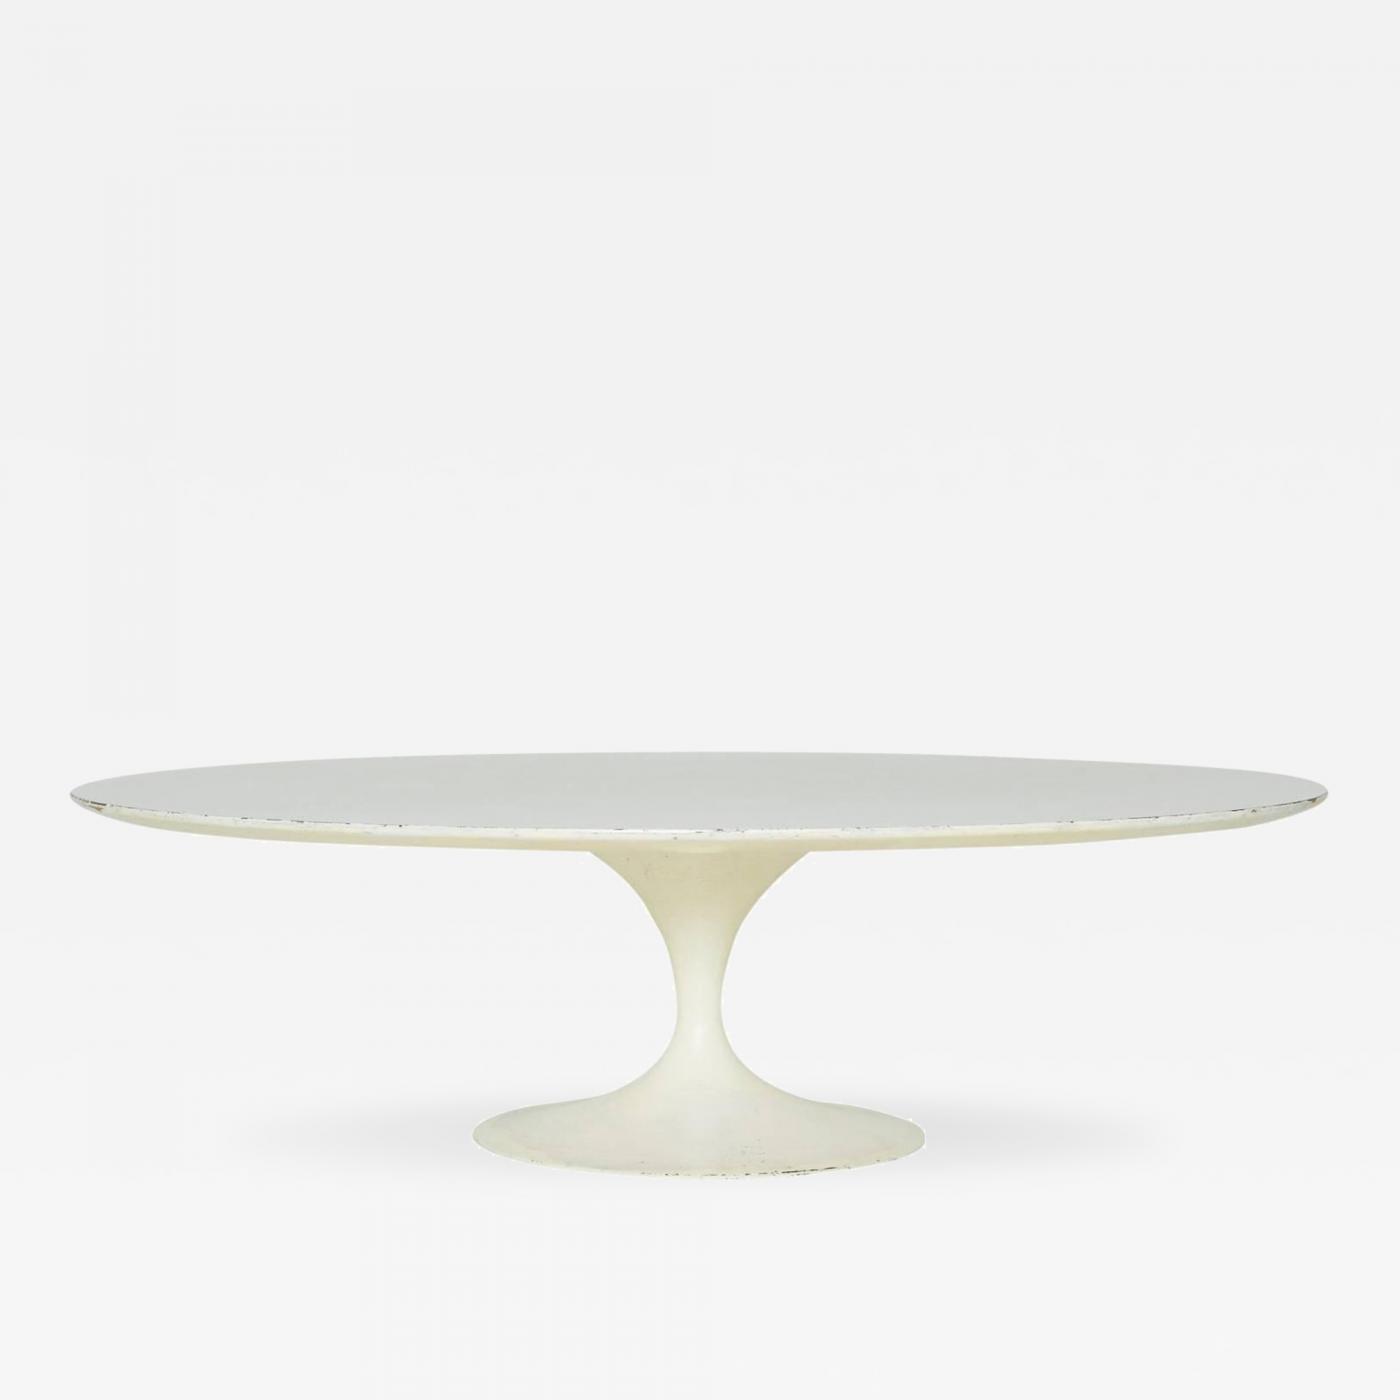 Eero Saarinen Tulip Coffee Table by Eero Saarinen for Knoll 1950 s